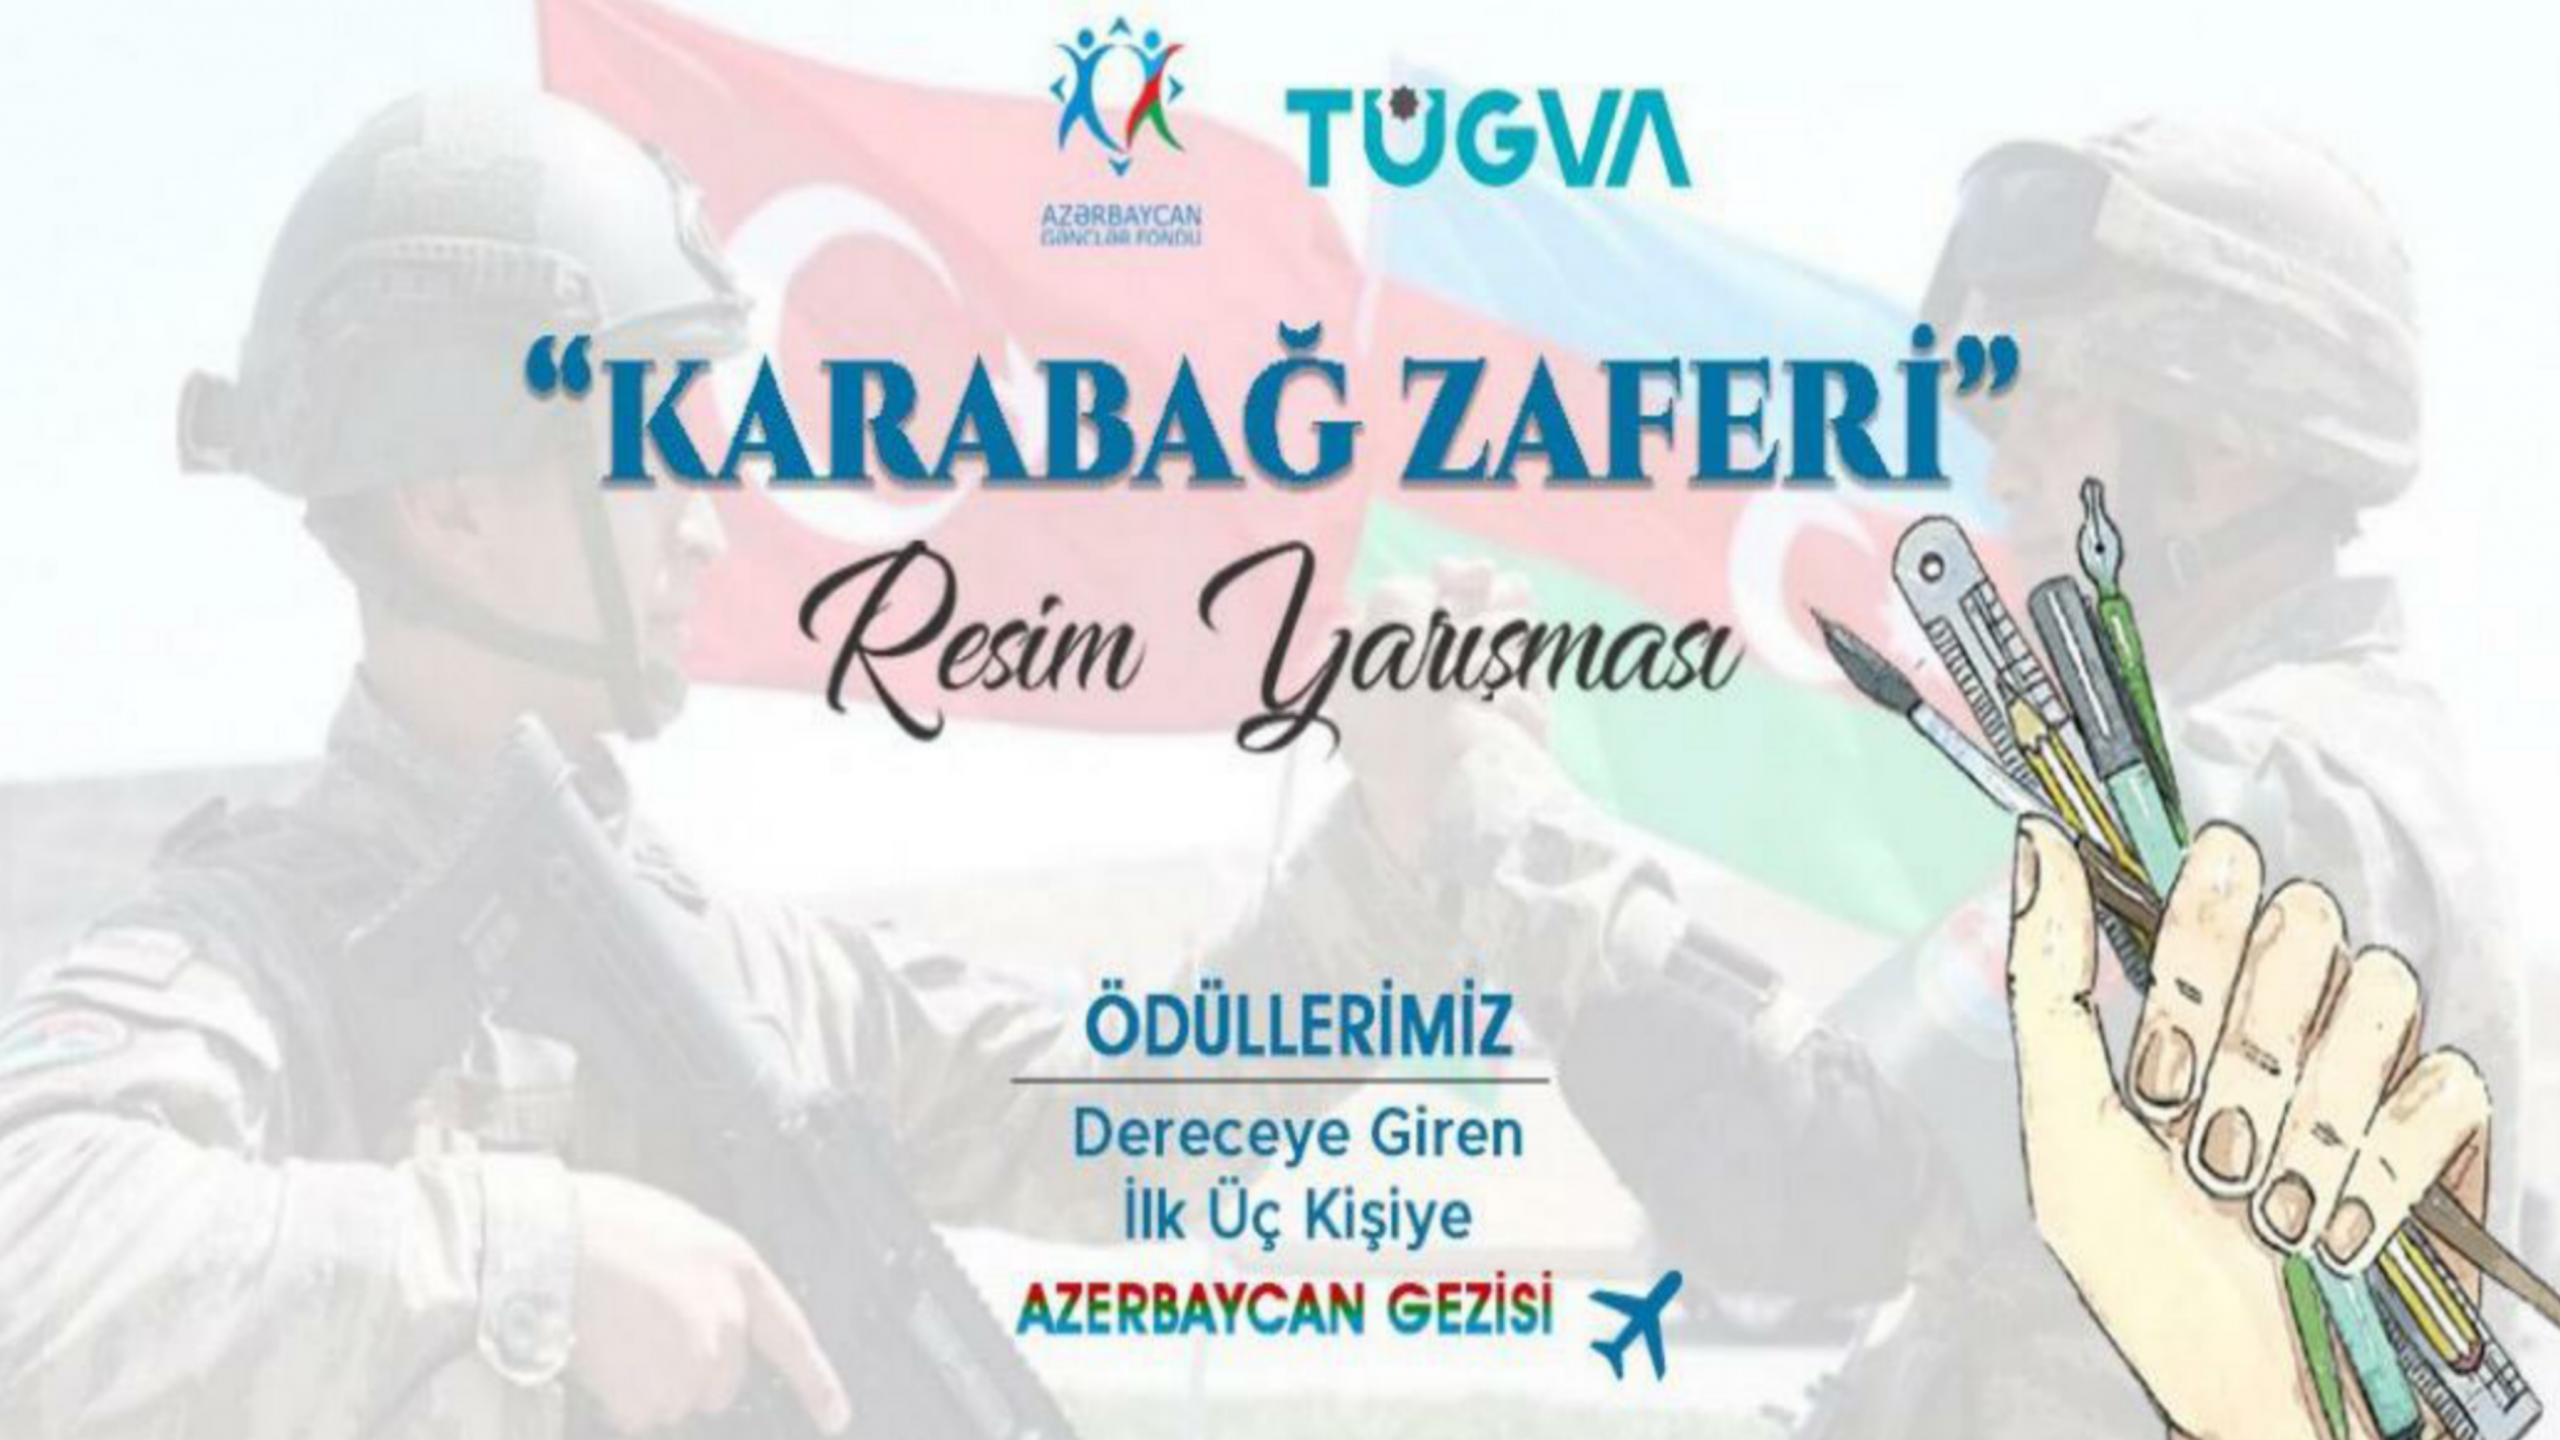 TÜGVA dan ÖDÜLLÜ AZERBAYCAN GEZİSİ !!